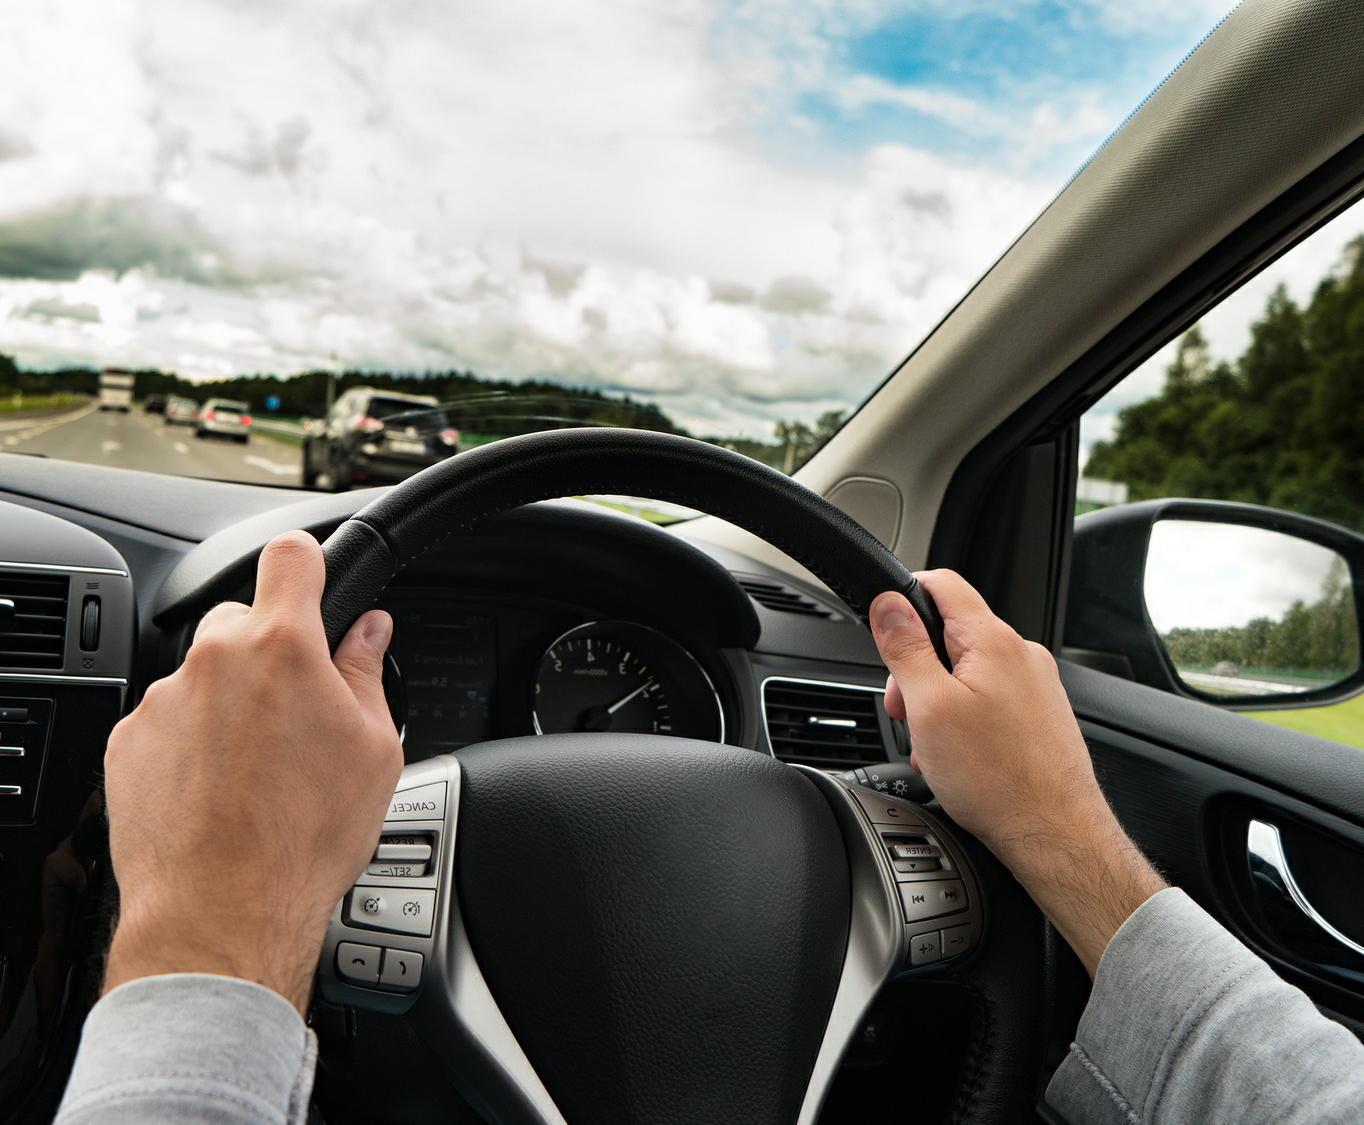 認知機能検査 75歳以上の運転免許更新で必須に 日本医師会が手引き